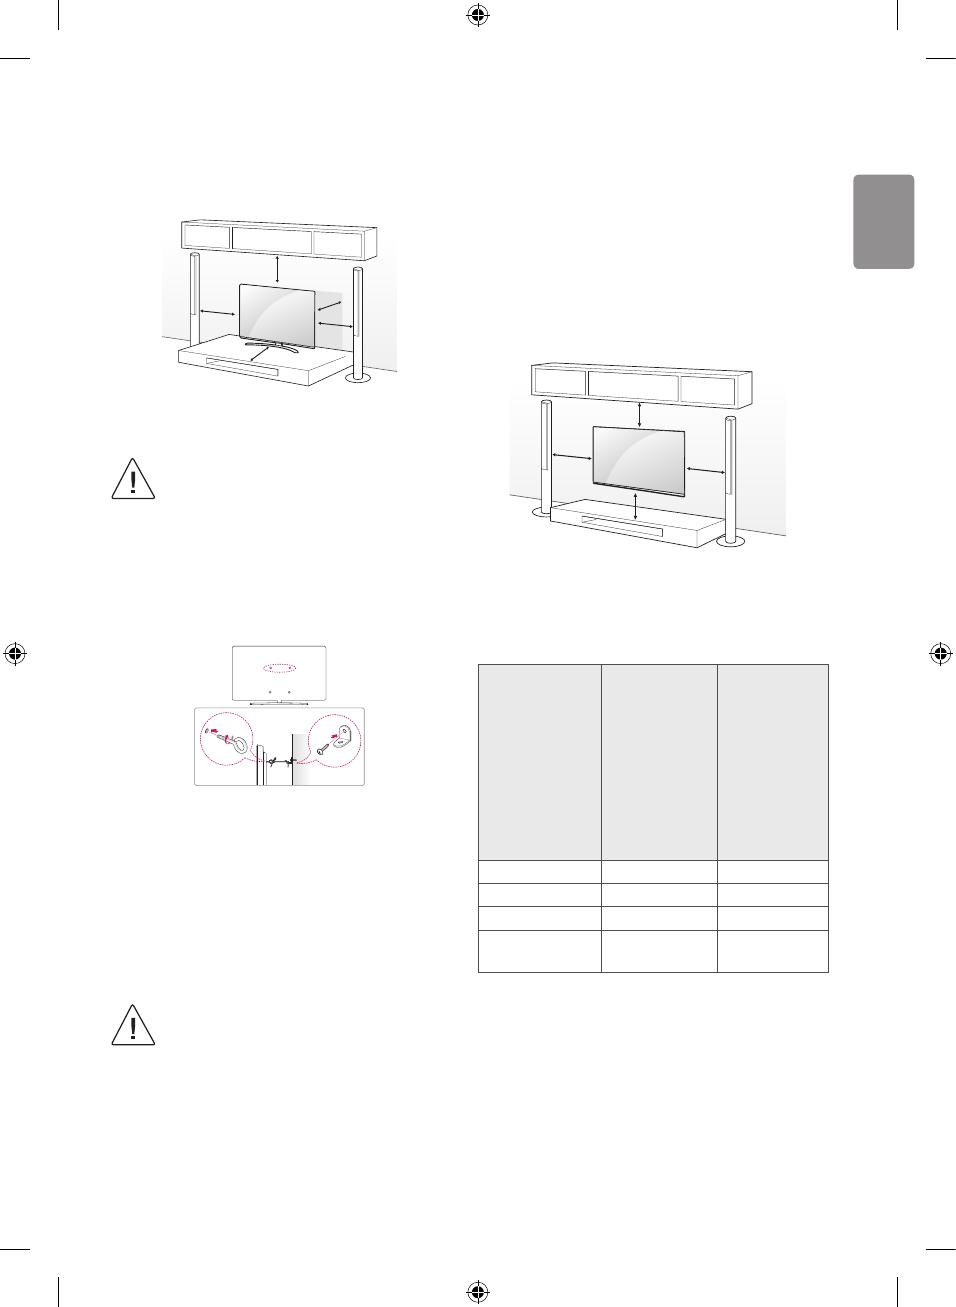 Bedienungsanleitung LG 55SJ800V (Seite 8 von 16) (Englisch)